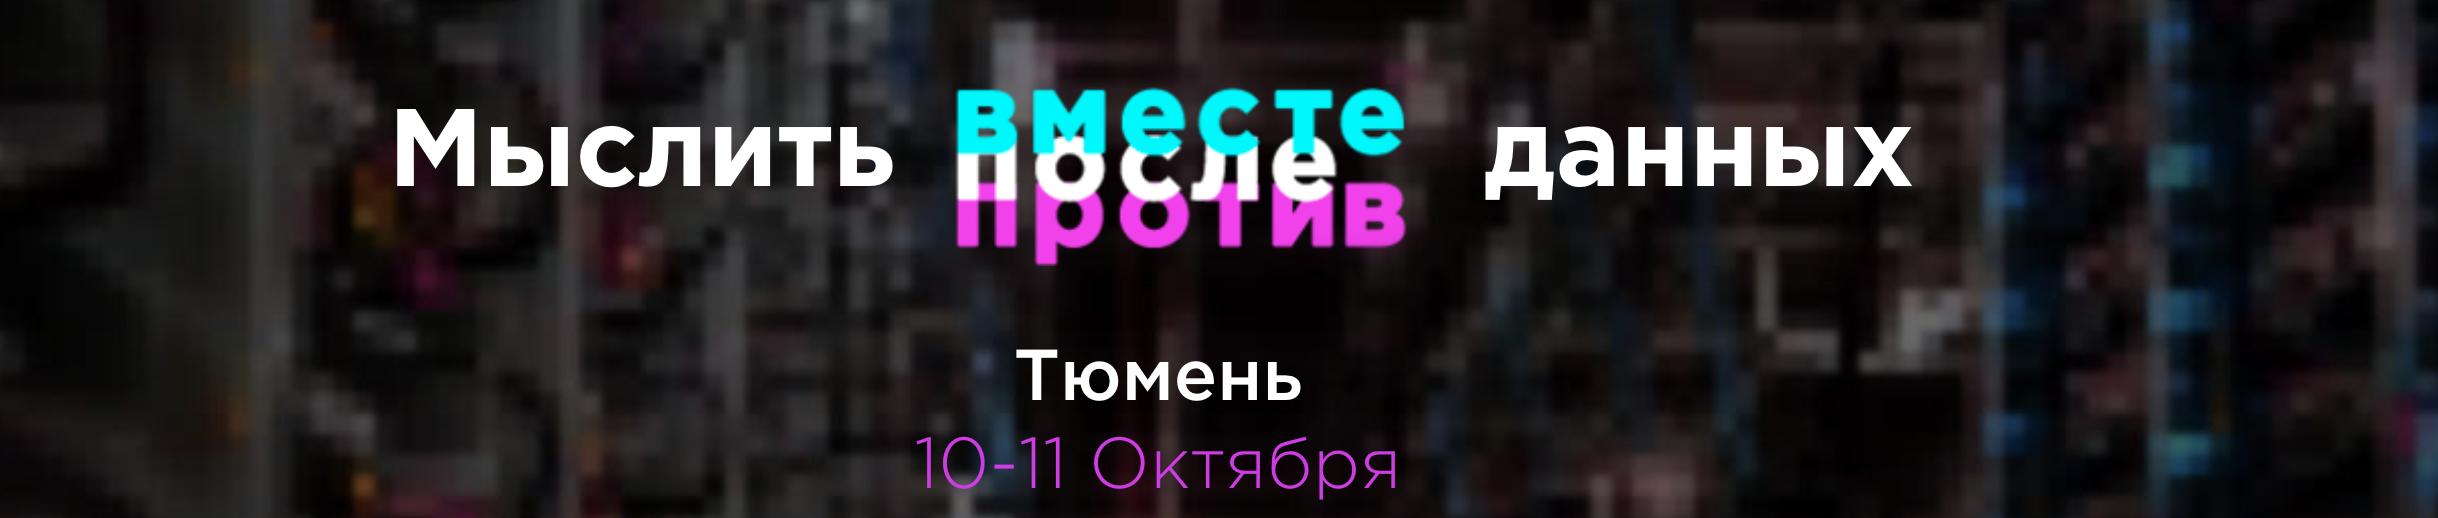 Снимок экрана 2019-10-04 в 14.03.46.png